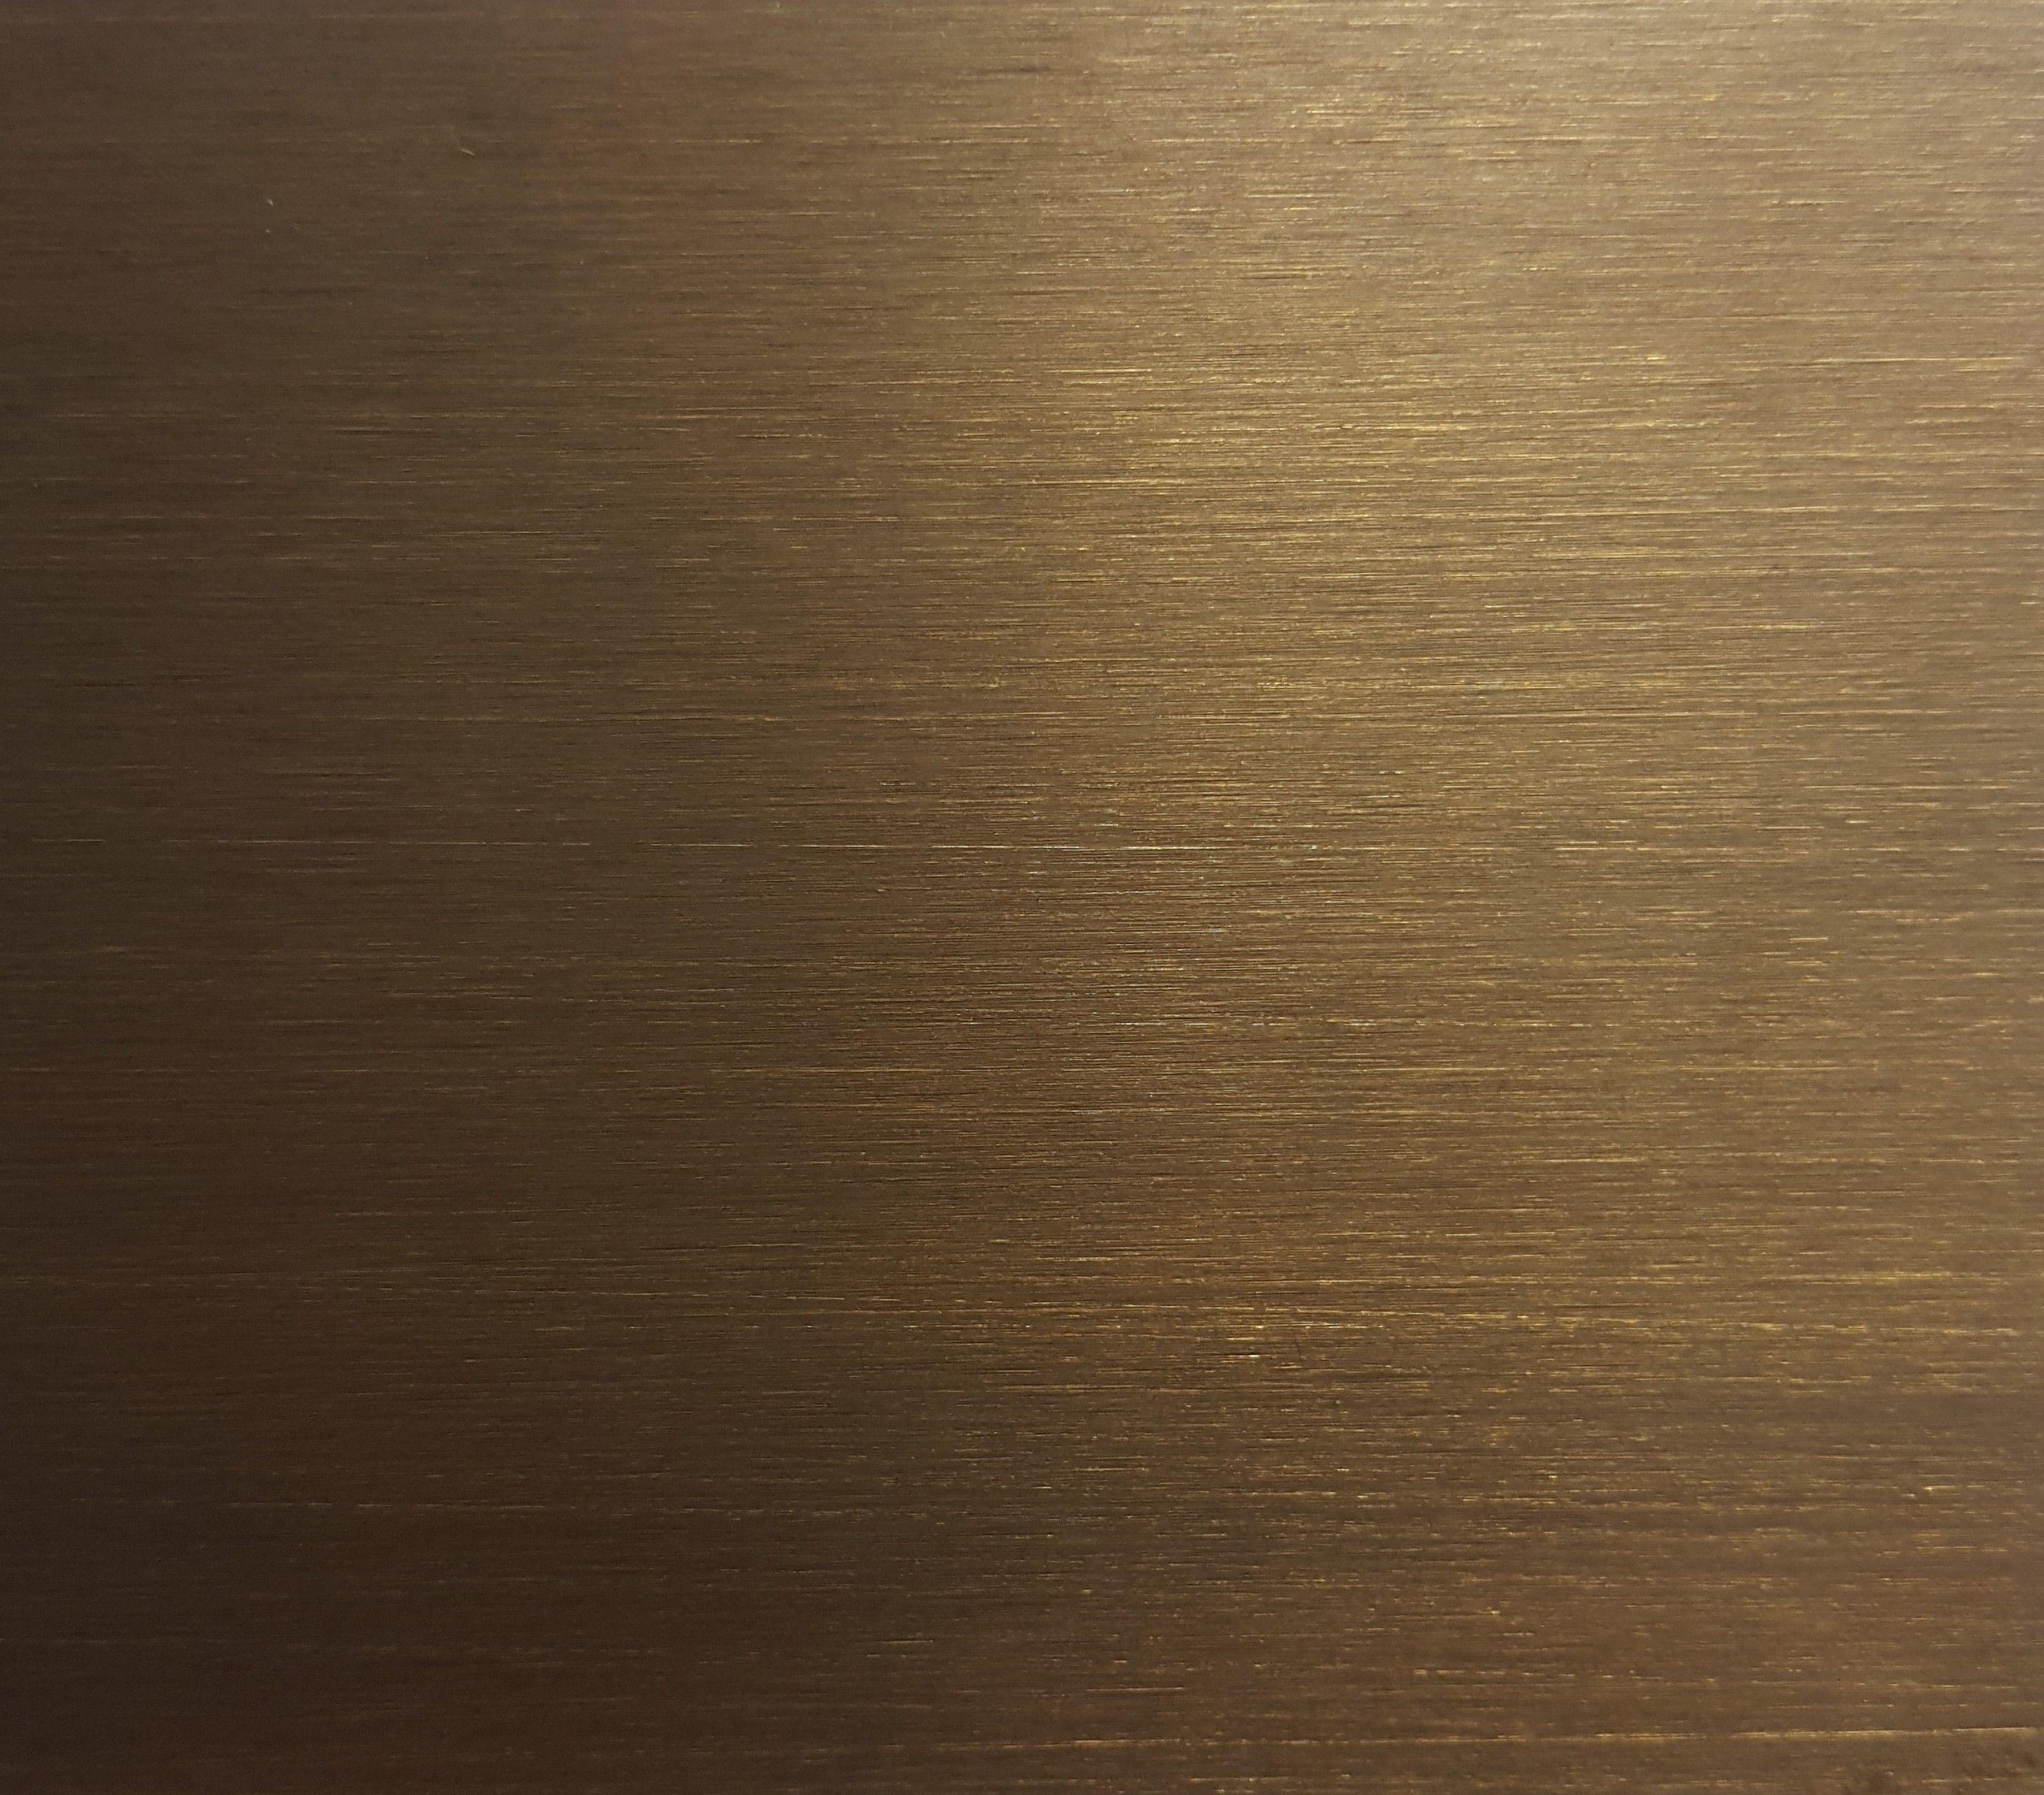 Lavorazione del metallo ottone linea finiture by ydf for Valutazione ottone usato